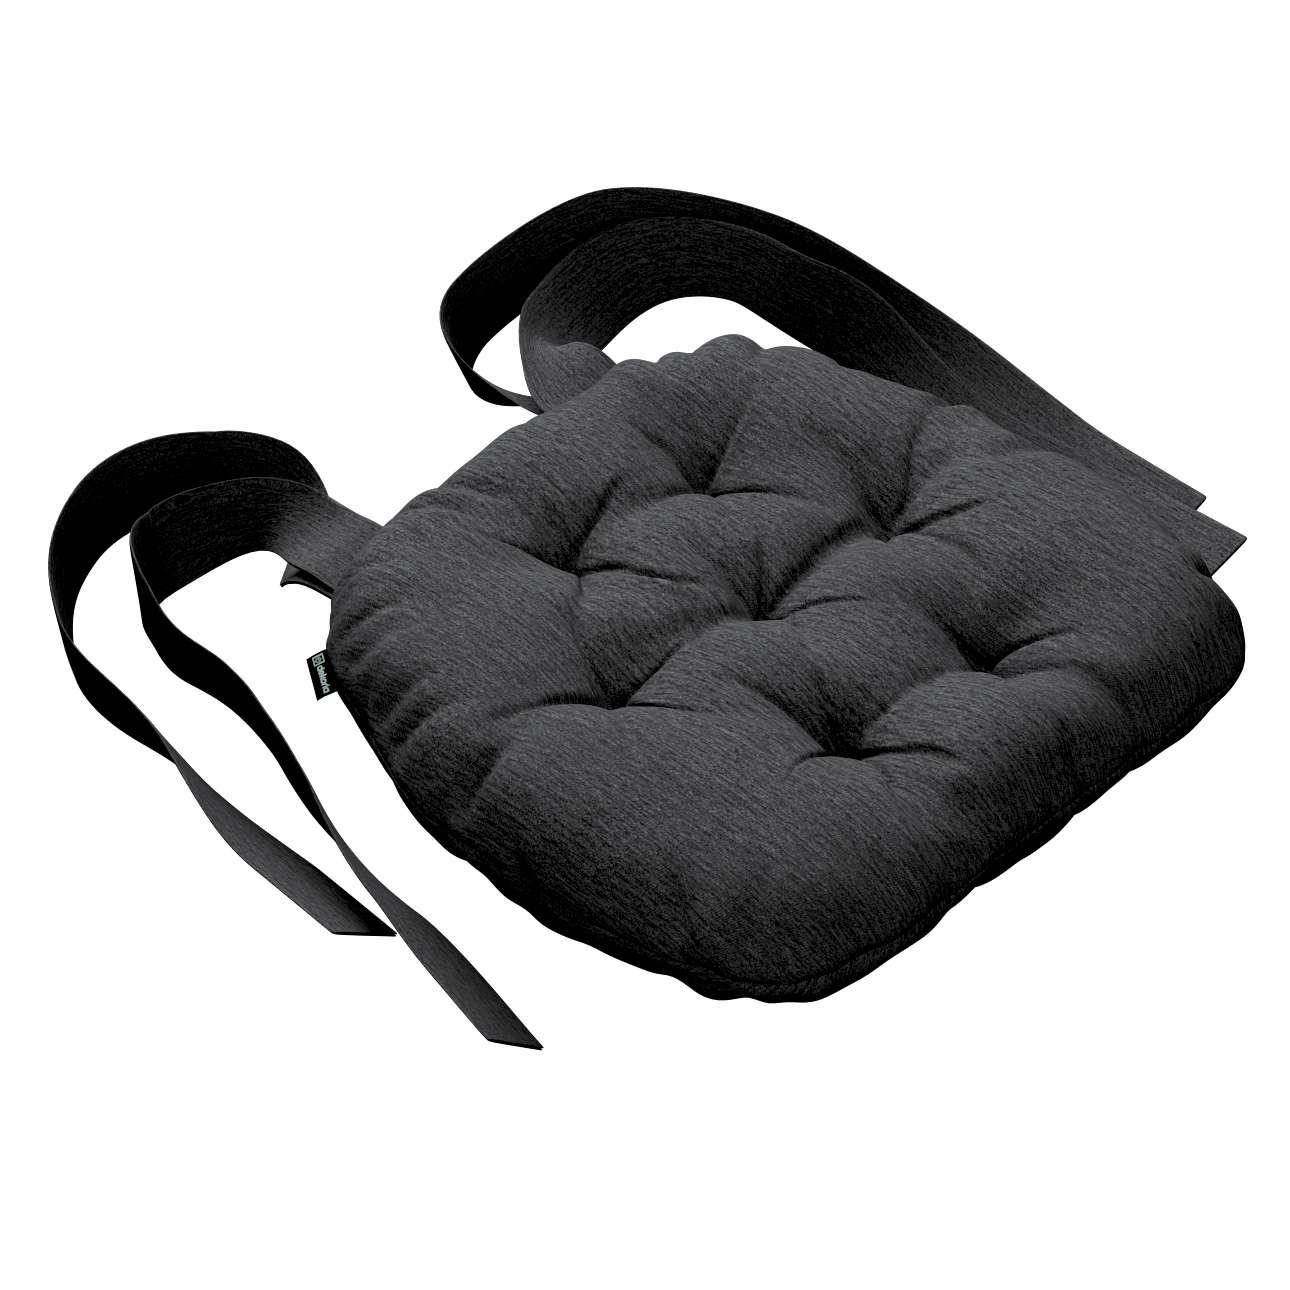 Siedzisko Marcin na krzesło 40x37x8cm w kolekcji Chenille, tkanina: 702-20